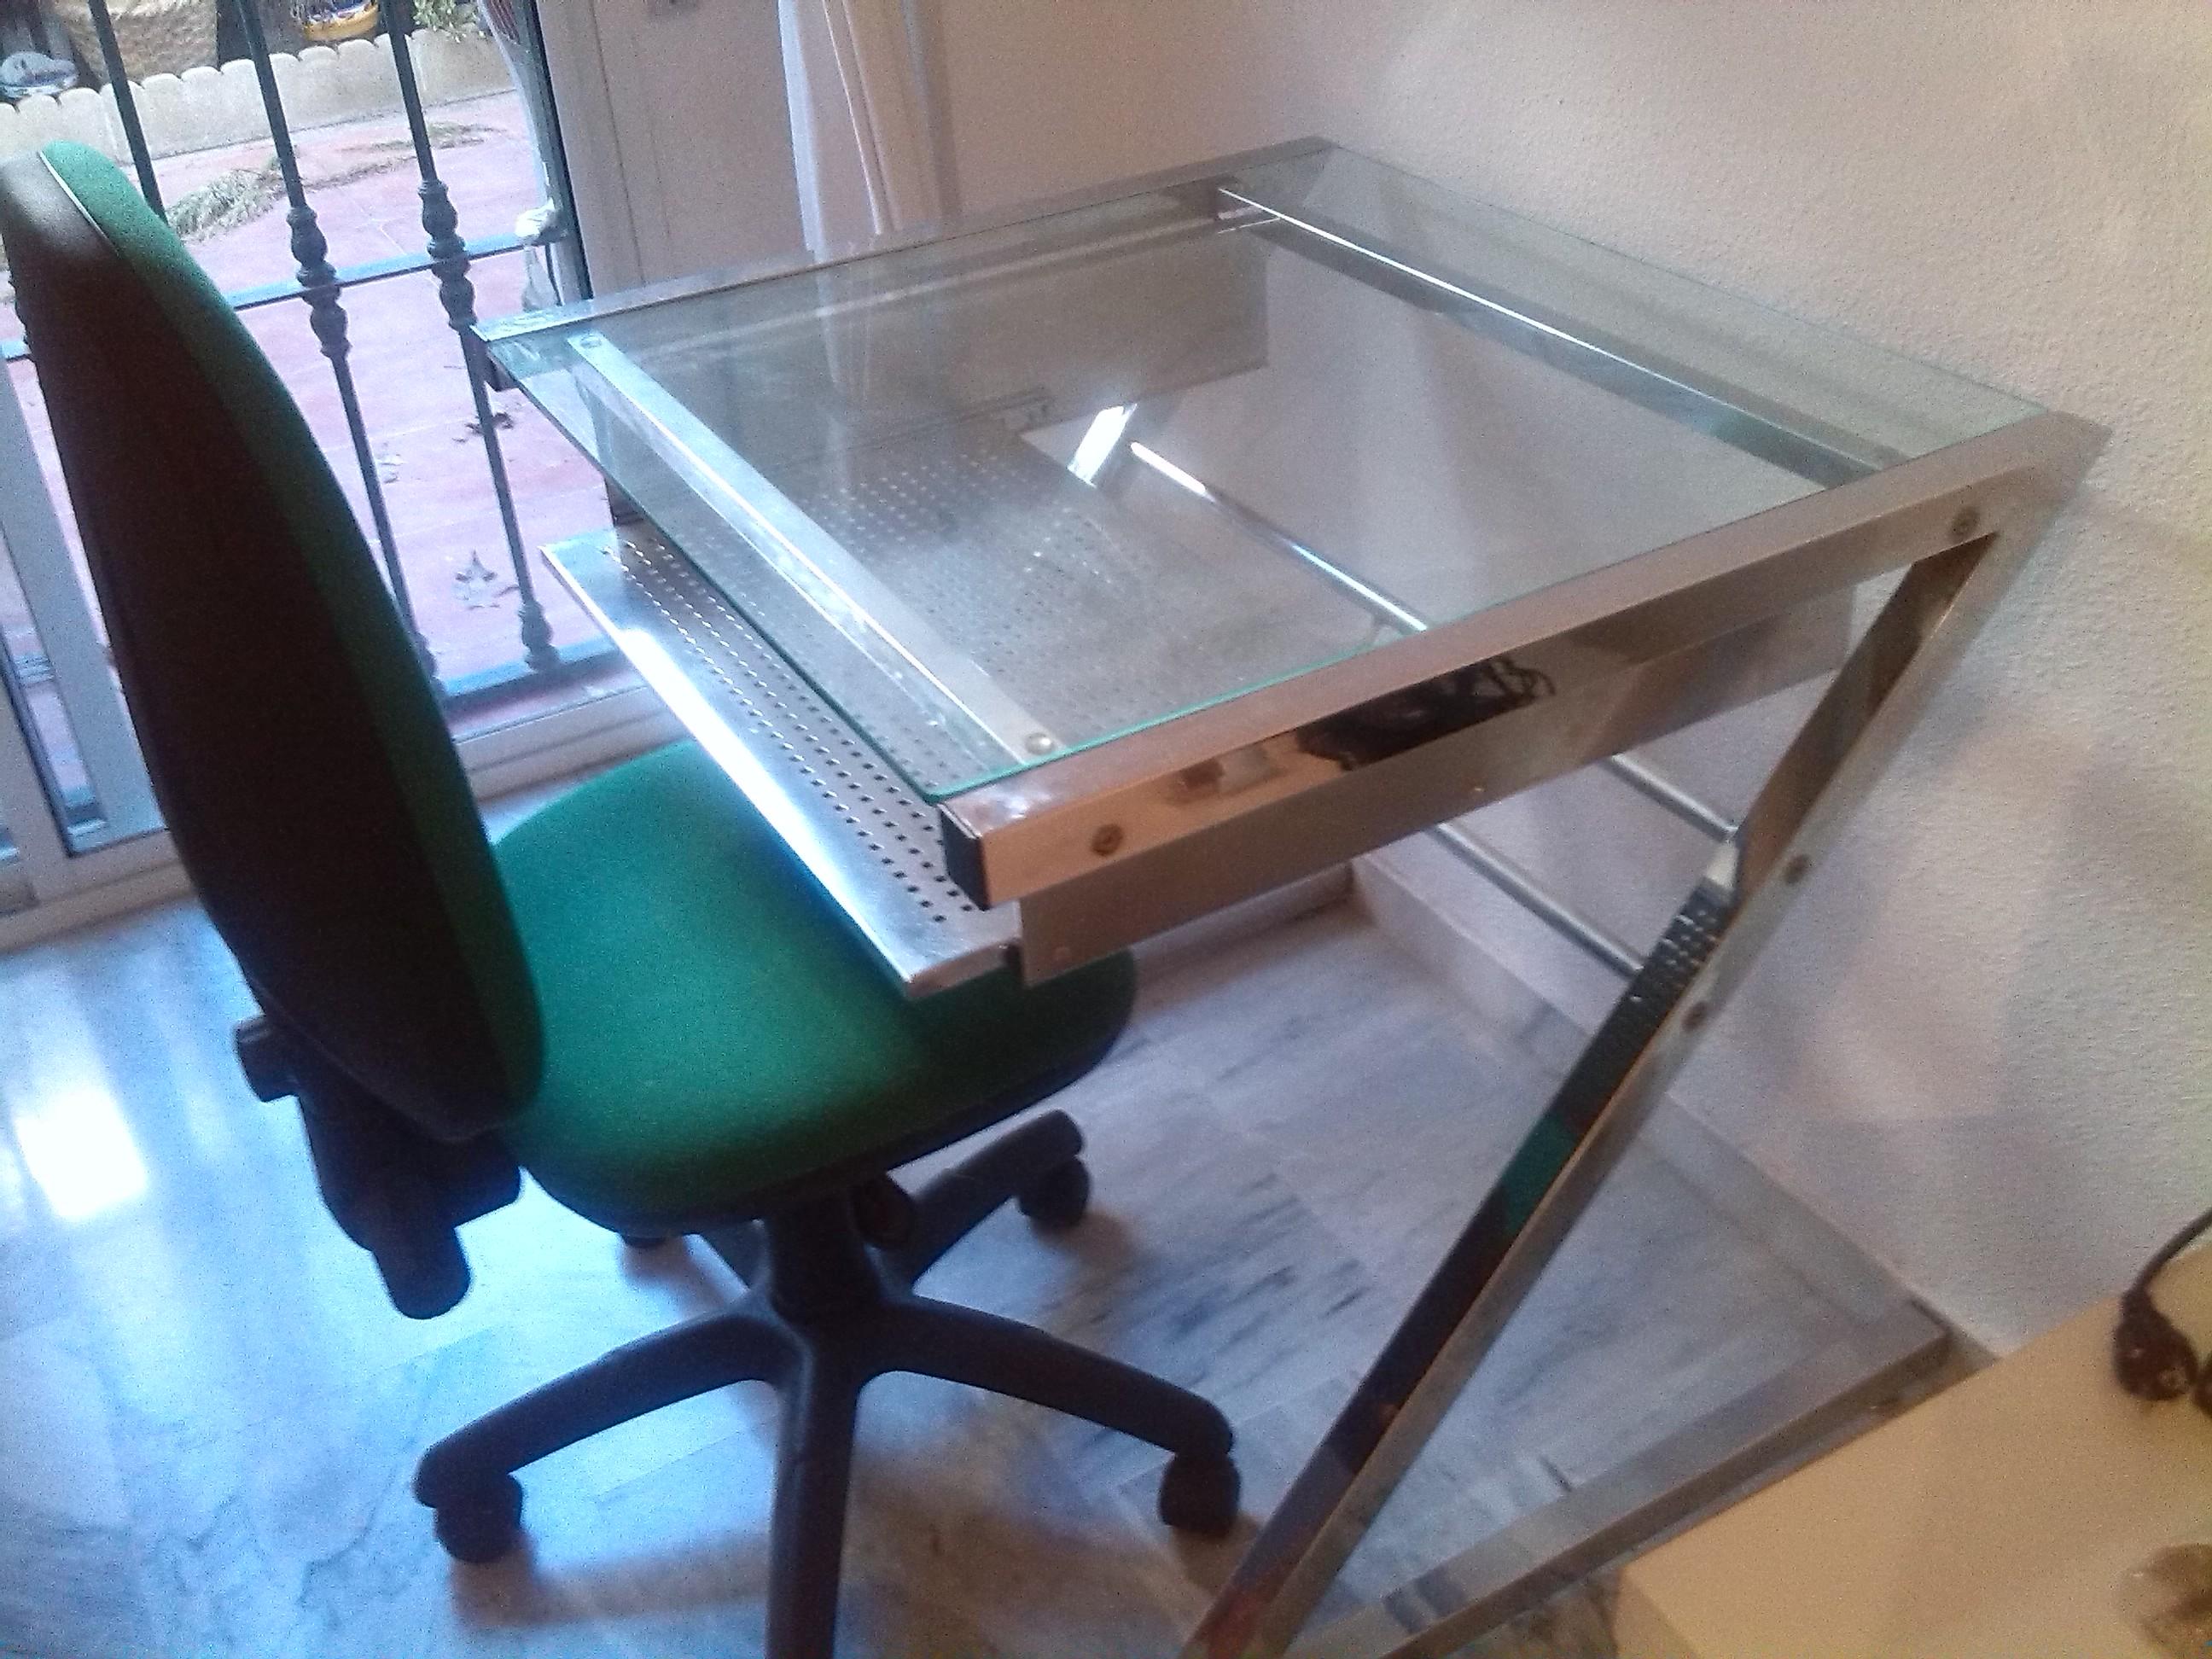 Glass and chrome desk